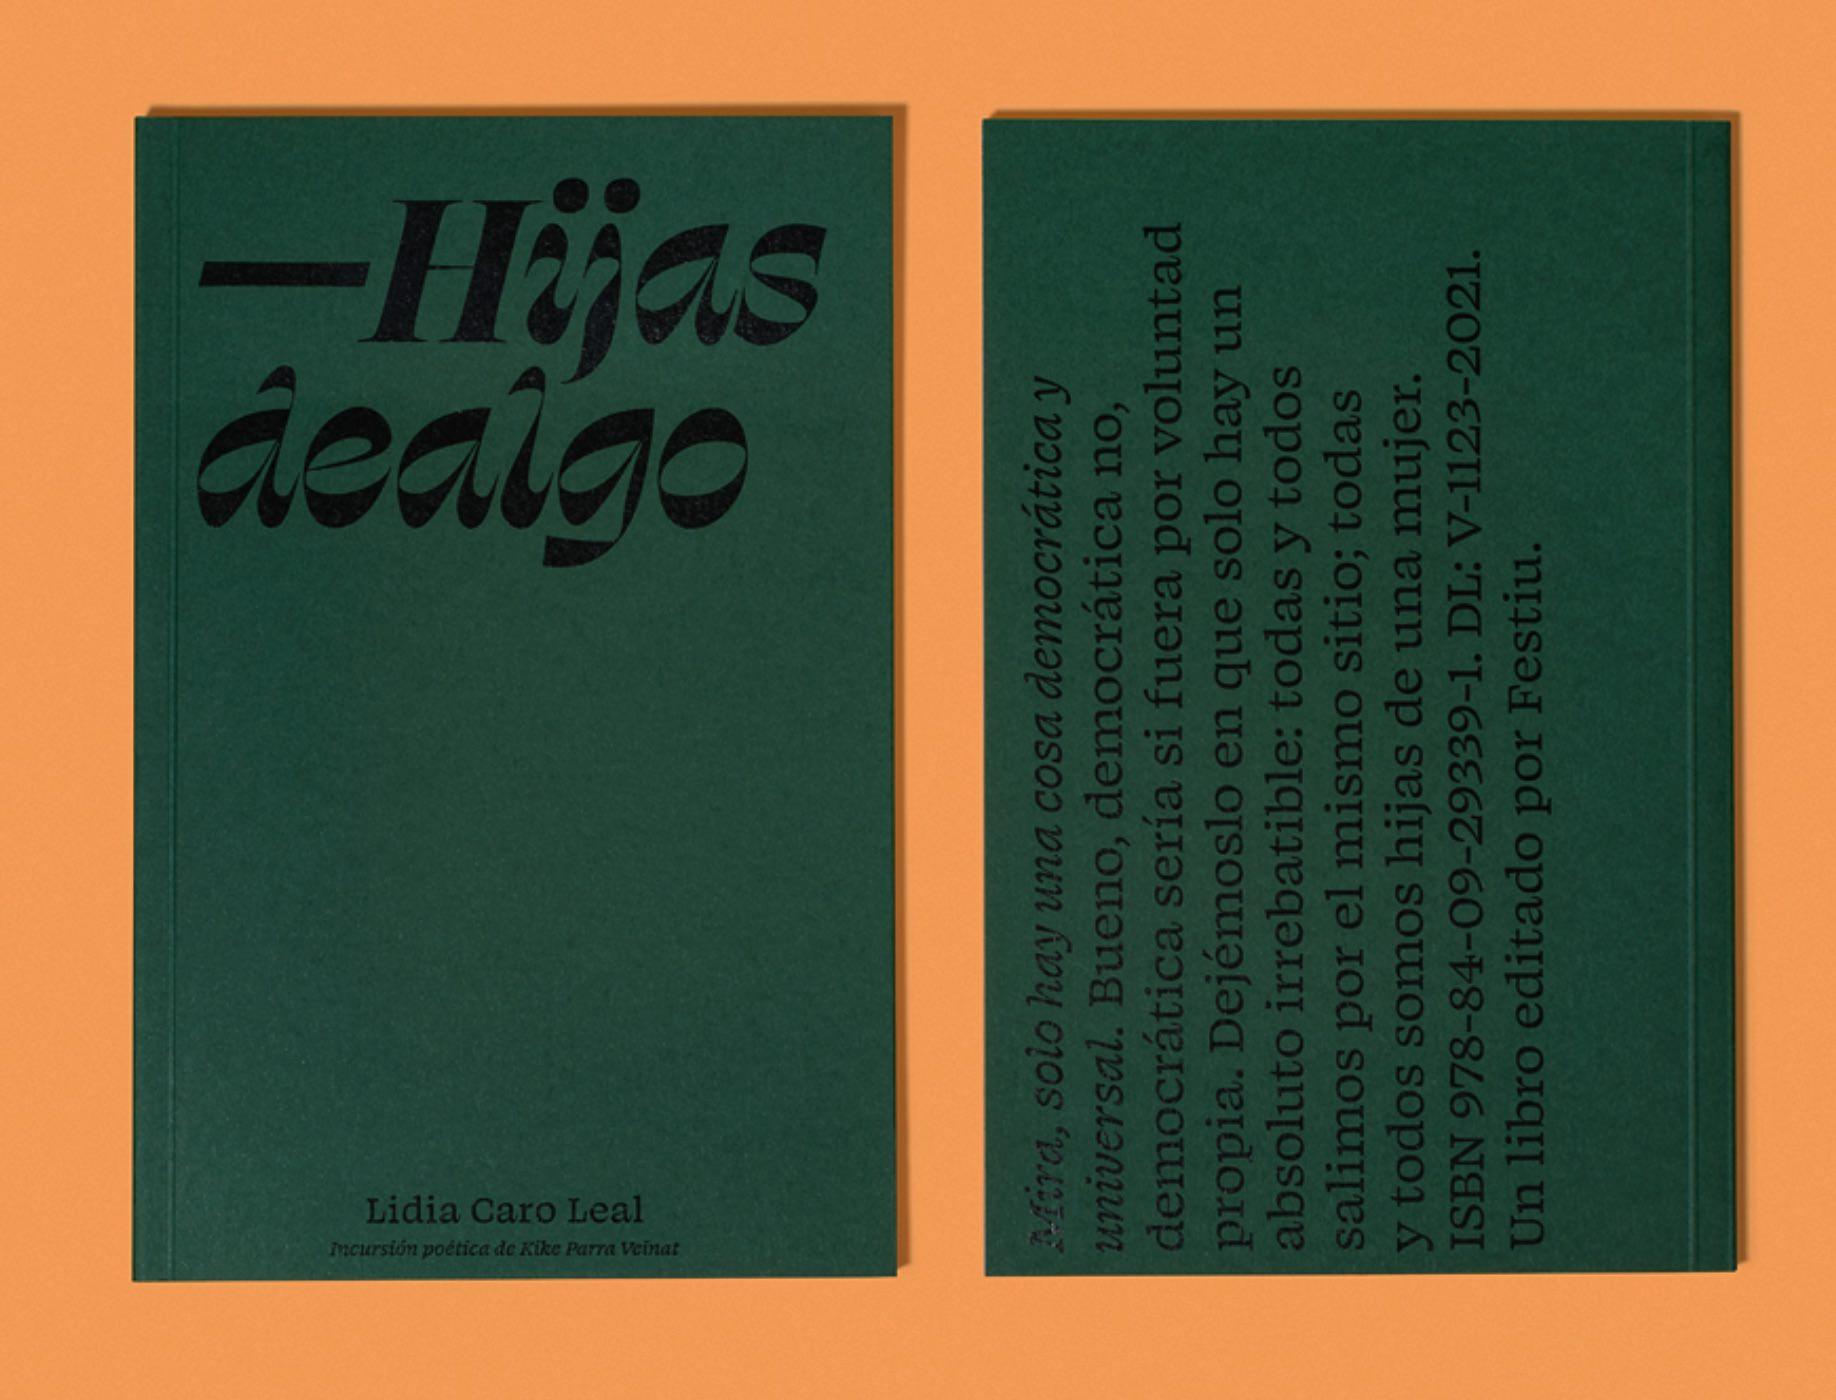 'Hijas de algo', de Lidia Caro Leal. Festiu